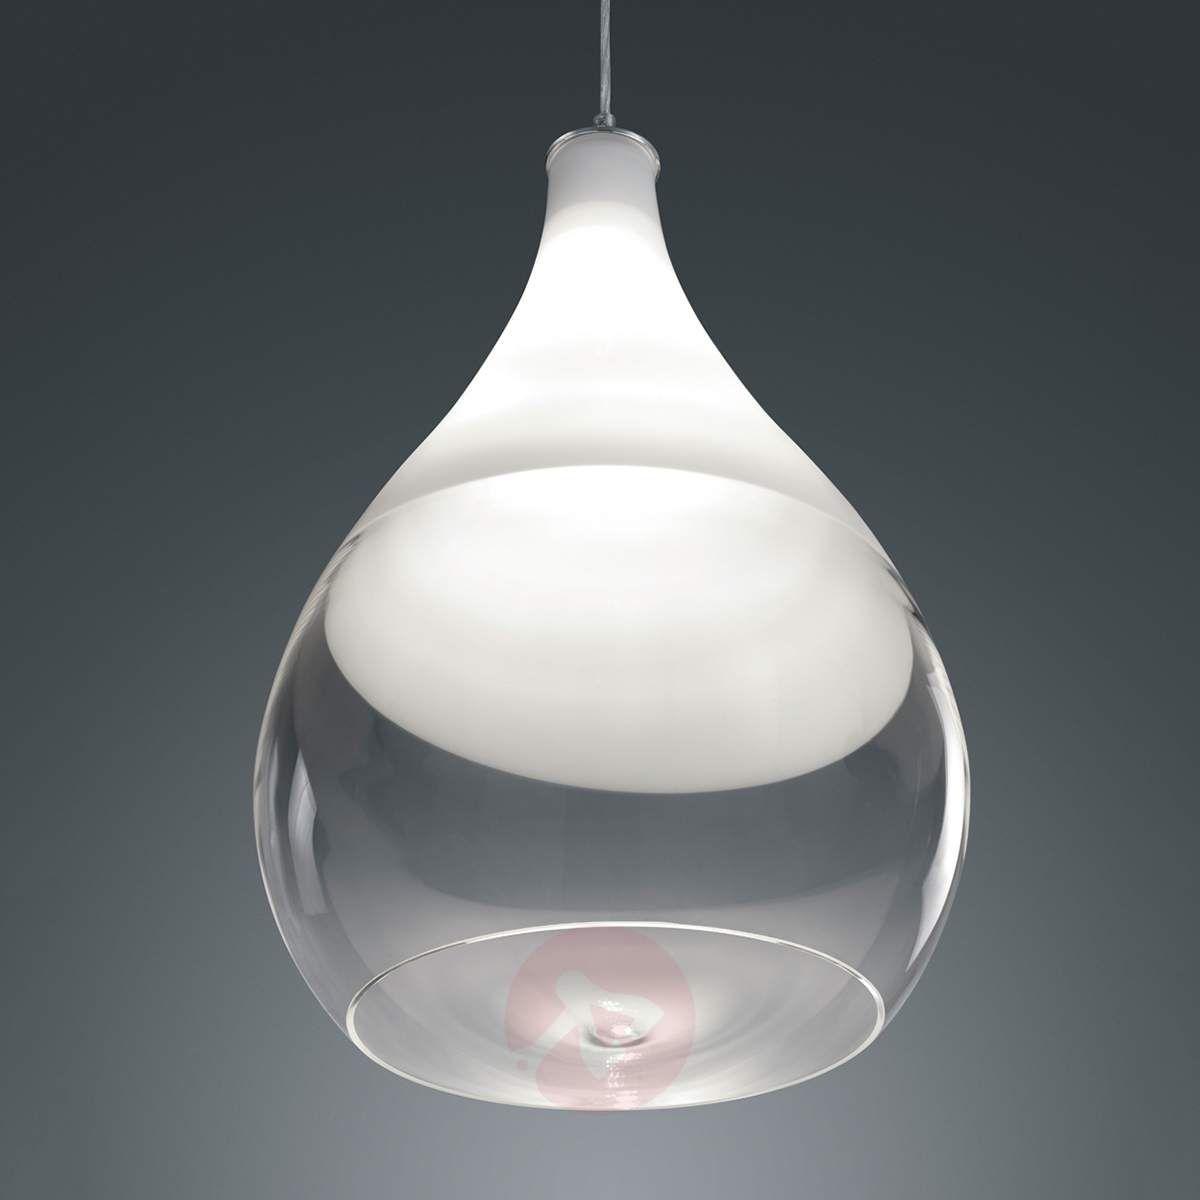 Lampa Wisząca Kingston Ze Szklanym Kloszem Lampy Wiszące W